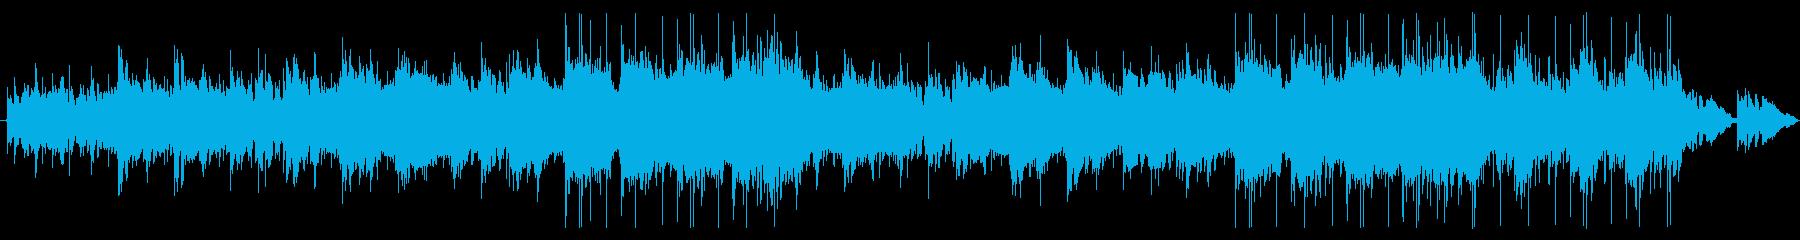 夏の浜辺のカフェで聴くBGMの再生済みの波形